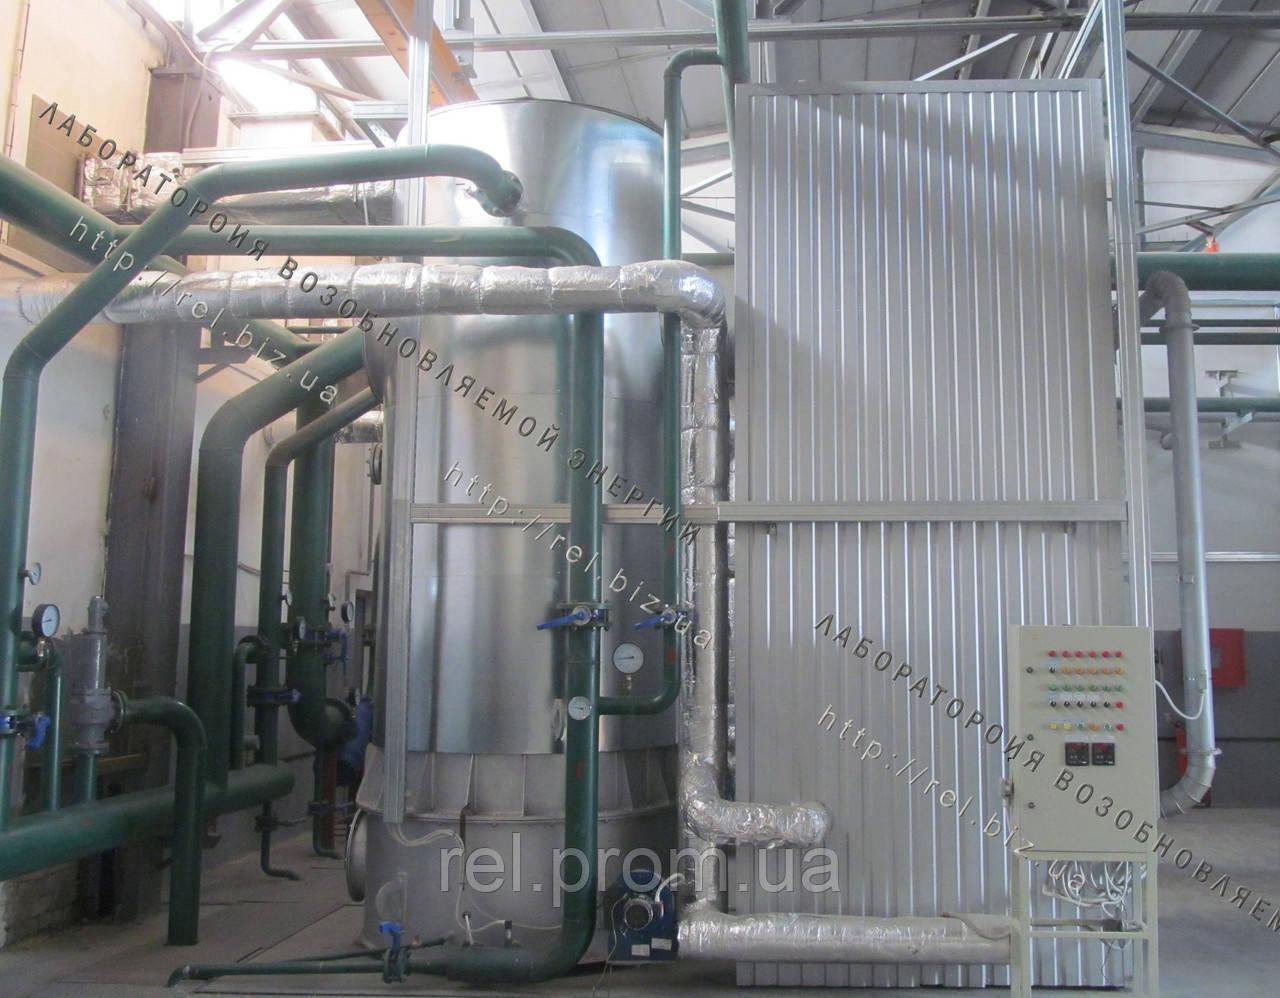 Перевод водогрейных и паровых котельных на сжигание биомассы